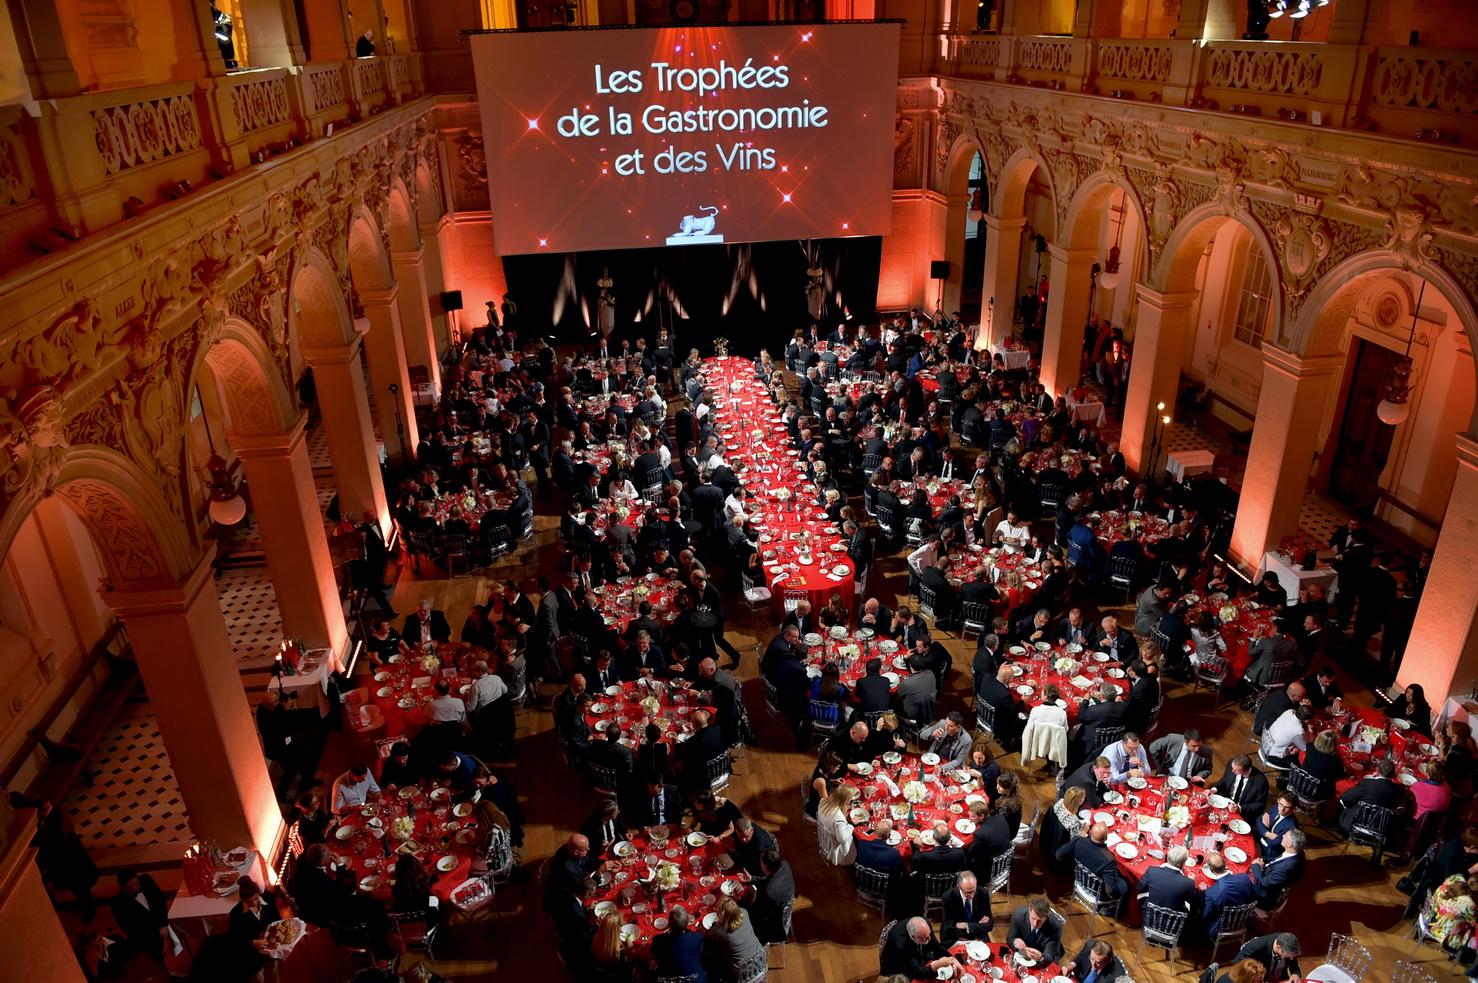 Un nouveau record pour les Trophées de la Gastronomie